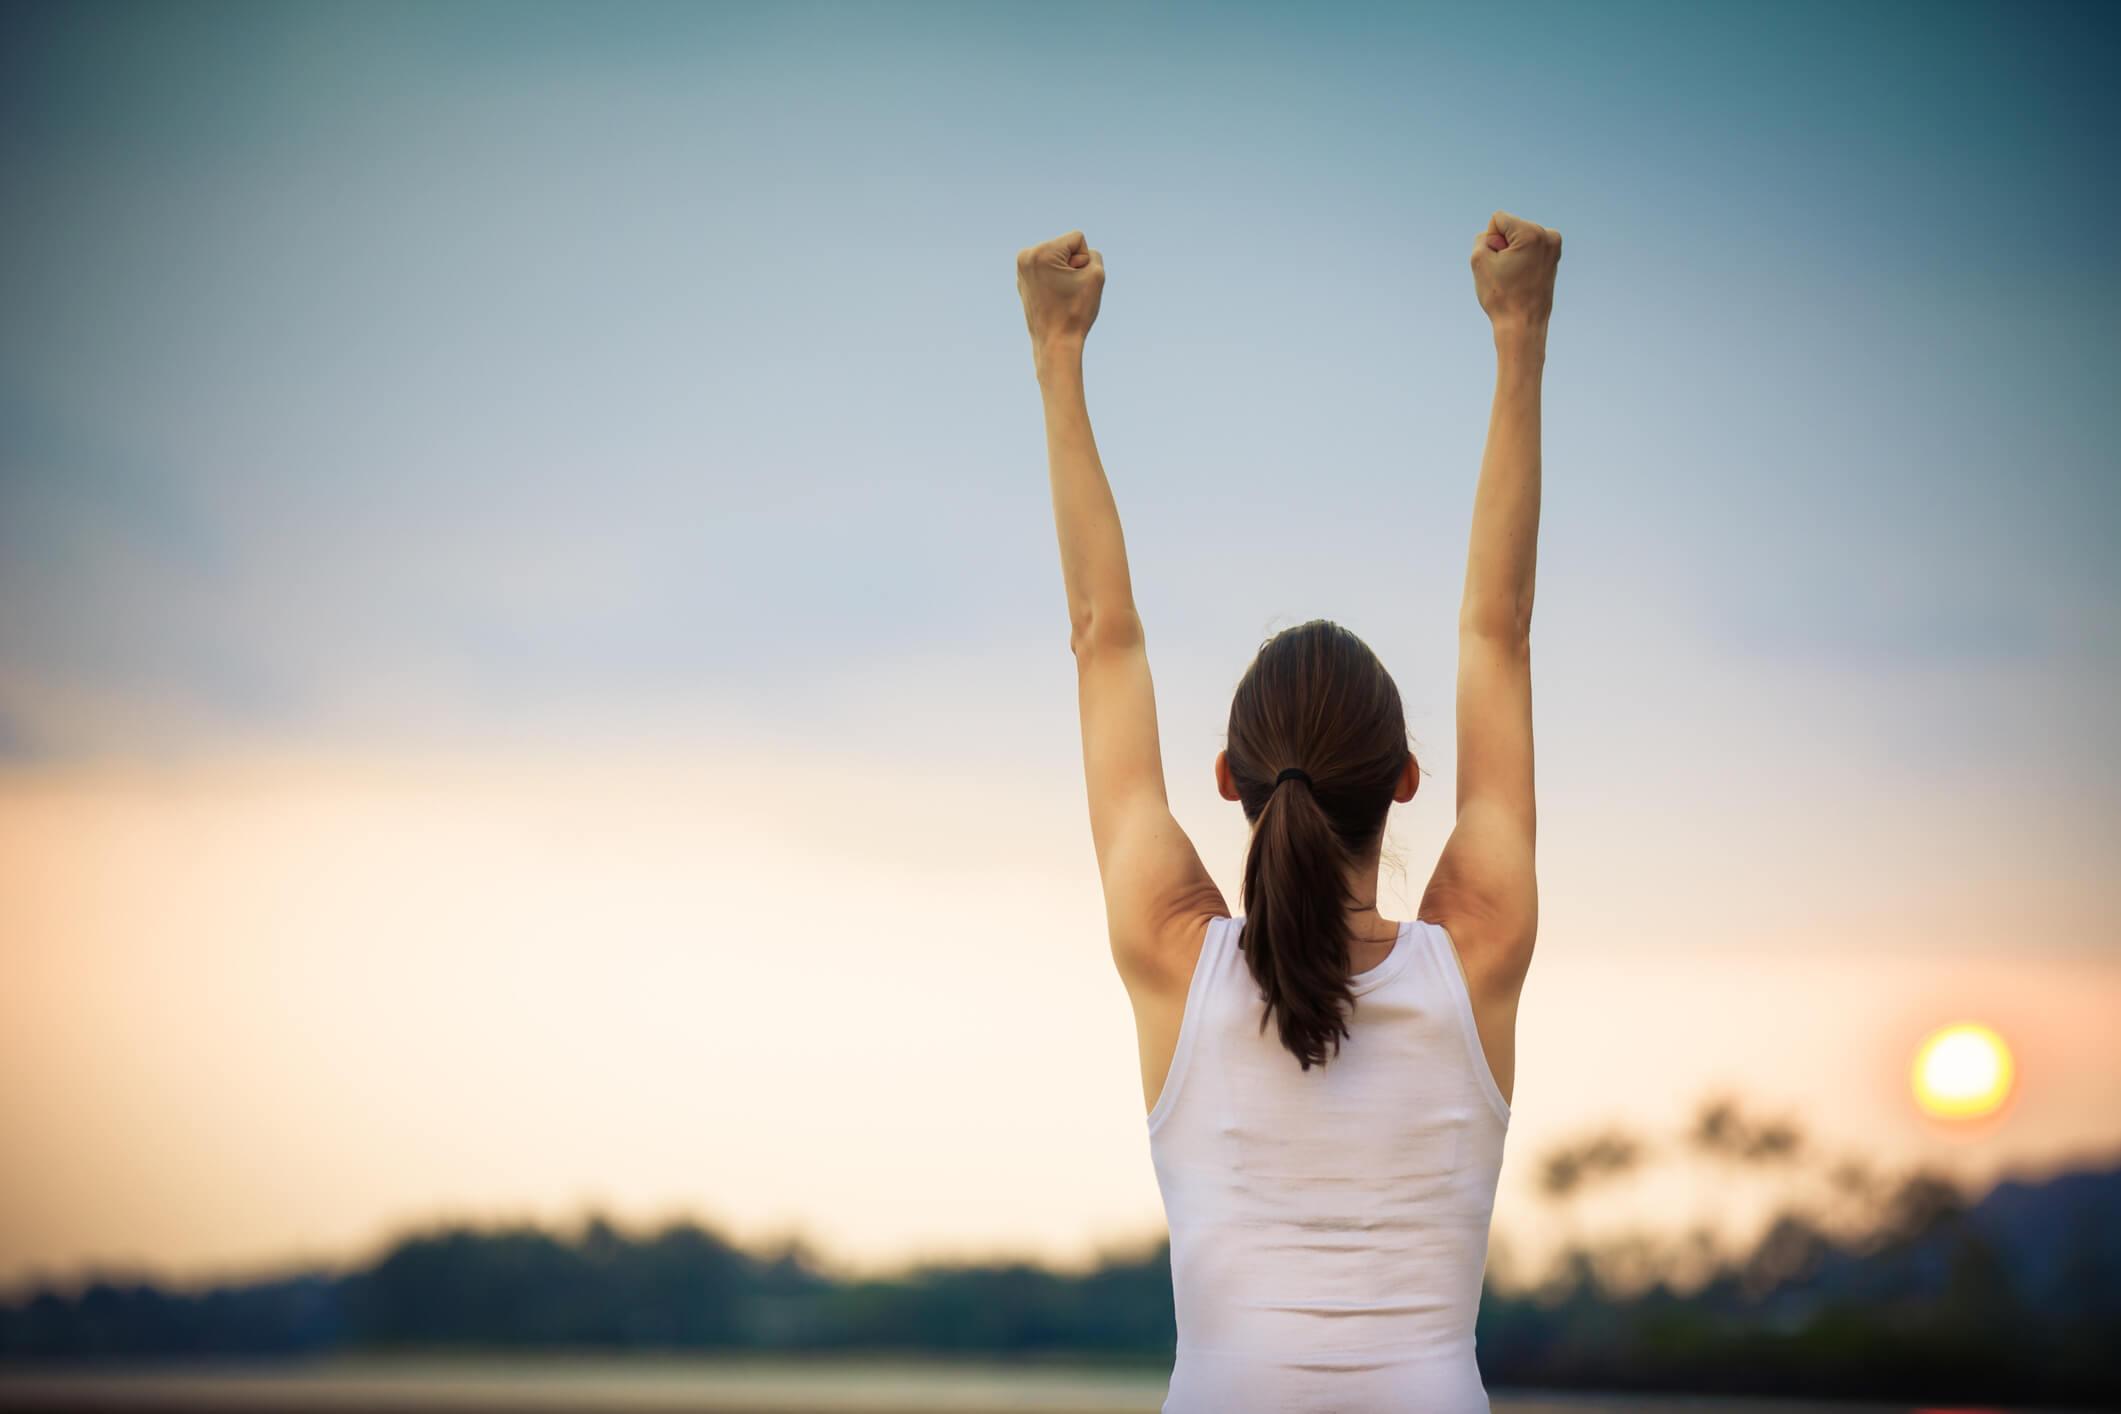 अपना आत्मविश्वास जागृत करने की मनोवैज्ञानिक तरकीबें